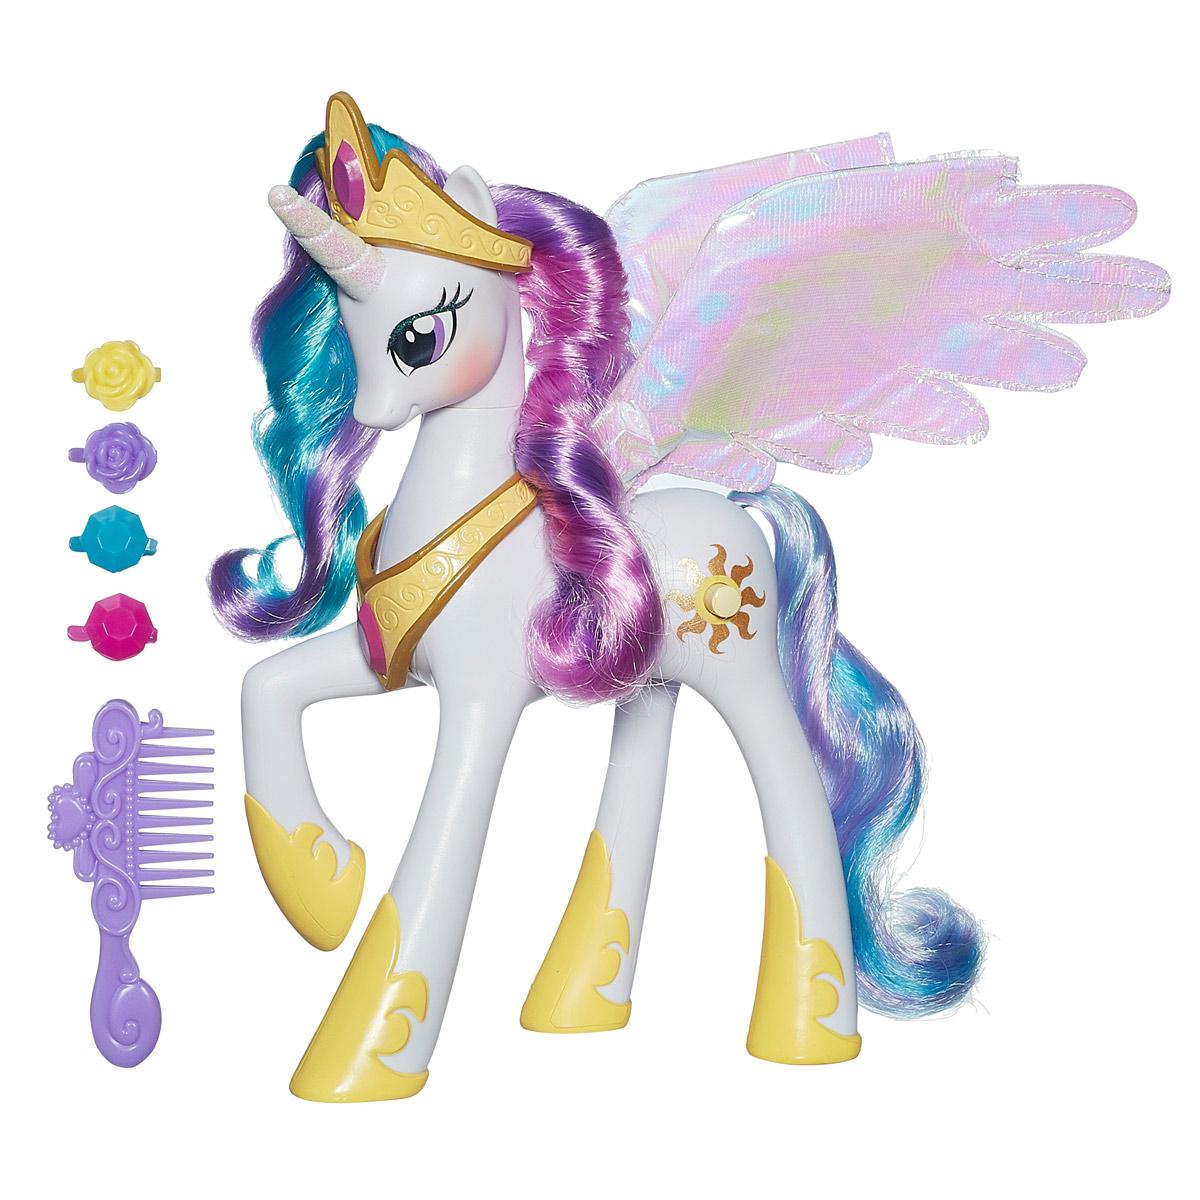 My Little Pony Игрушка Принцесса Селестия с аксессуарамиA0633EU4Игровой набор My Little Pony Принцесса Селестия привлечет внимание вашей малышки и не позволит ей скучать. Набор состоит из прекрасной пони с разноцветными длинными гривой и хвостом, расчески и четырех разноцветных заколочек. У пони восхитительные перламутровые крылья. При нажатии кнопку на корпусе игрушки пони звучат забавные звуки, а ее крылья светятся. Ваша малышка будет часами играть с набором, придумывая различные истории. Порадуйте ее таким замечательным подарком! Рекомендуется докупить 2 батарейки напряжением 1,5V типа ААА (товар комплектуется демонстрационными). Уважаемые клиенты! Обращаем ваше внимание на ассортимент в дизайне аксессуаров. Поставка возможна в зависимости от наличия на складе.